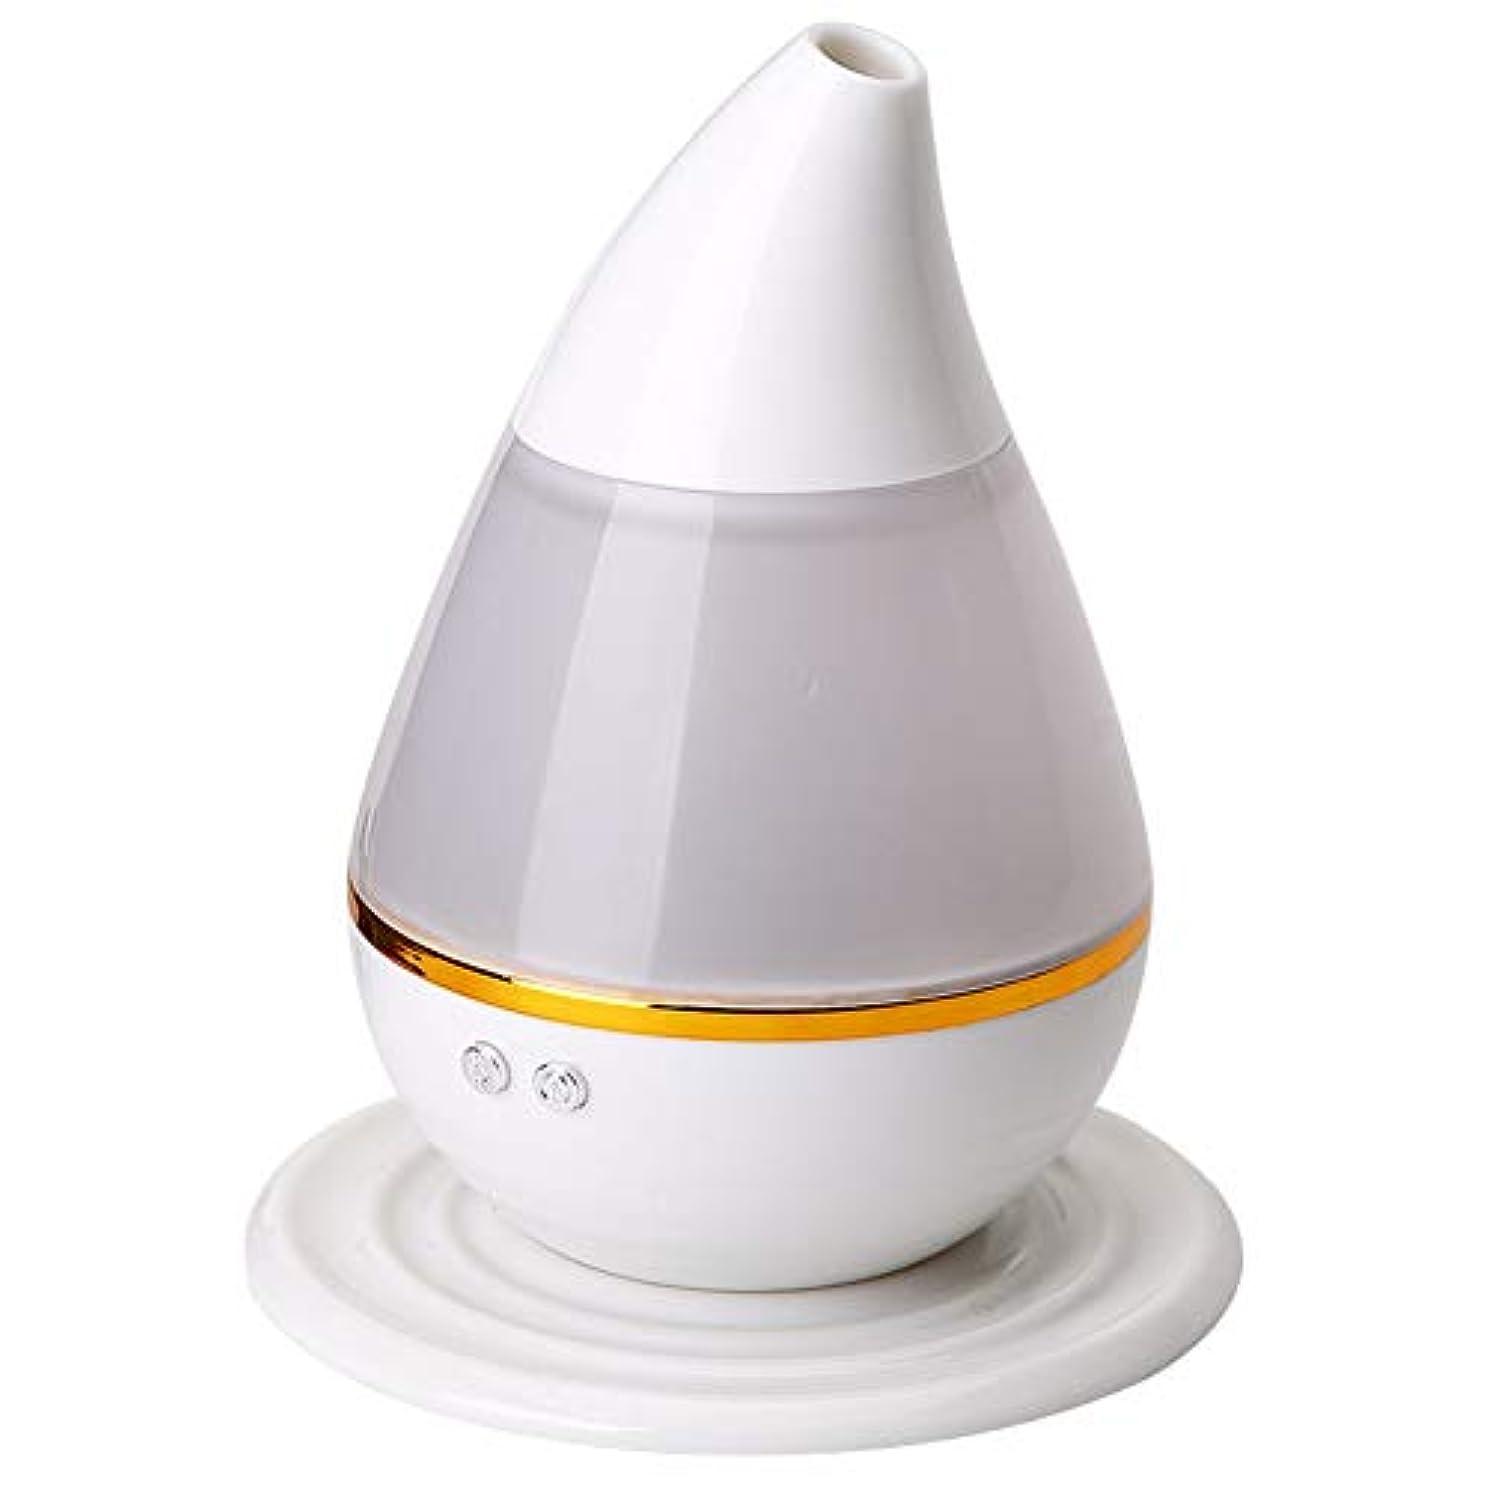 放置連邦土器エッセンシャル オイル ディフューザー, 涼しい霧の加湿器 7色LEDムードランプ そして 自動シャットオフ アロマディフューザー の ホーム オフィス Yoga 車-ホワイト 12x15cm